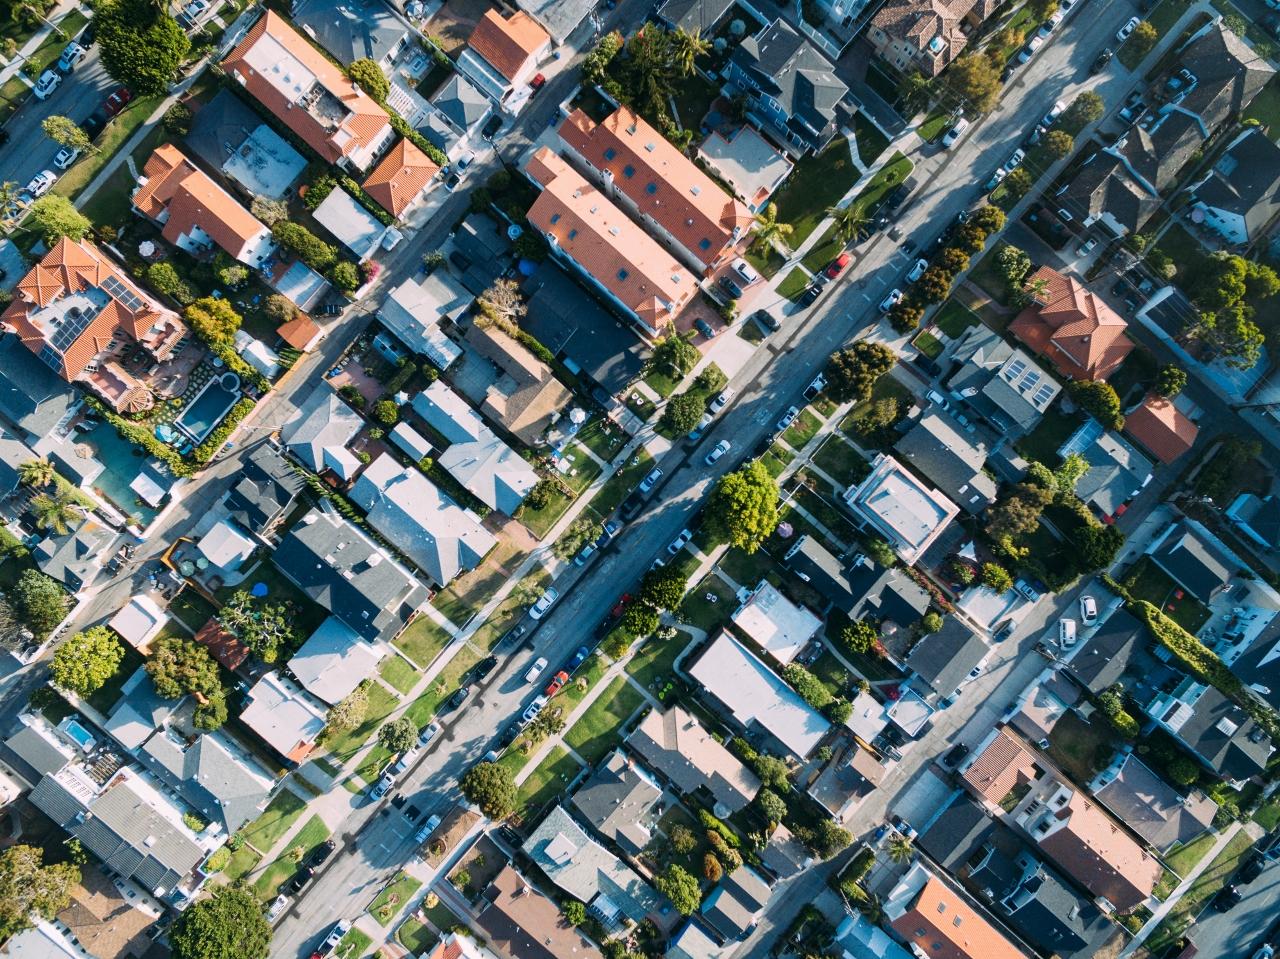 Loteamento e condomínio: entenda as principais diferenças